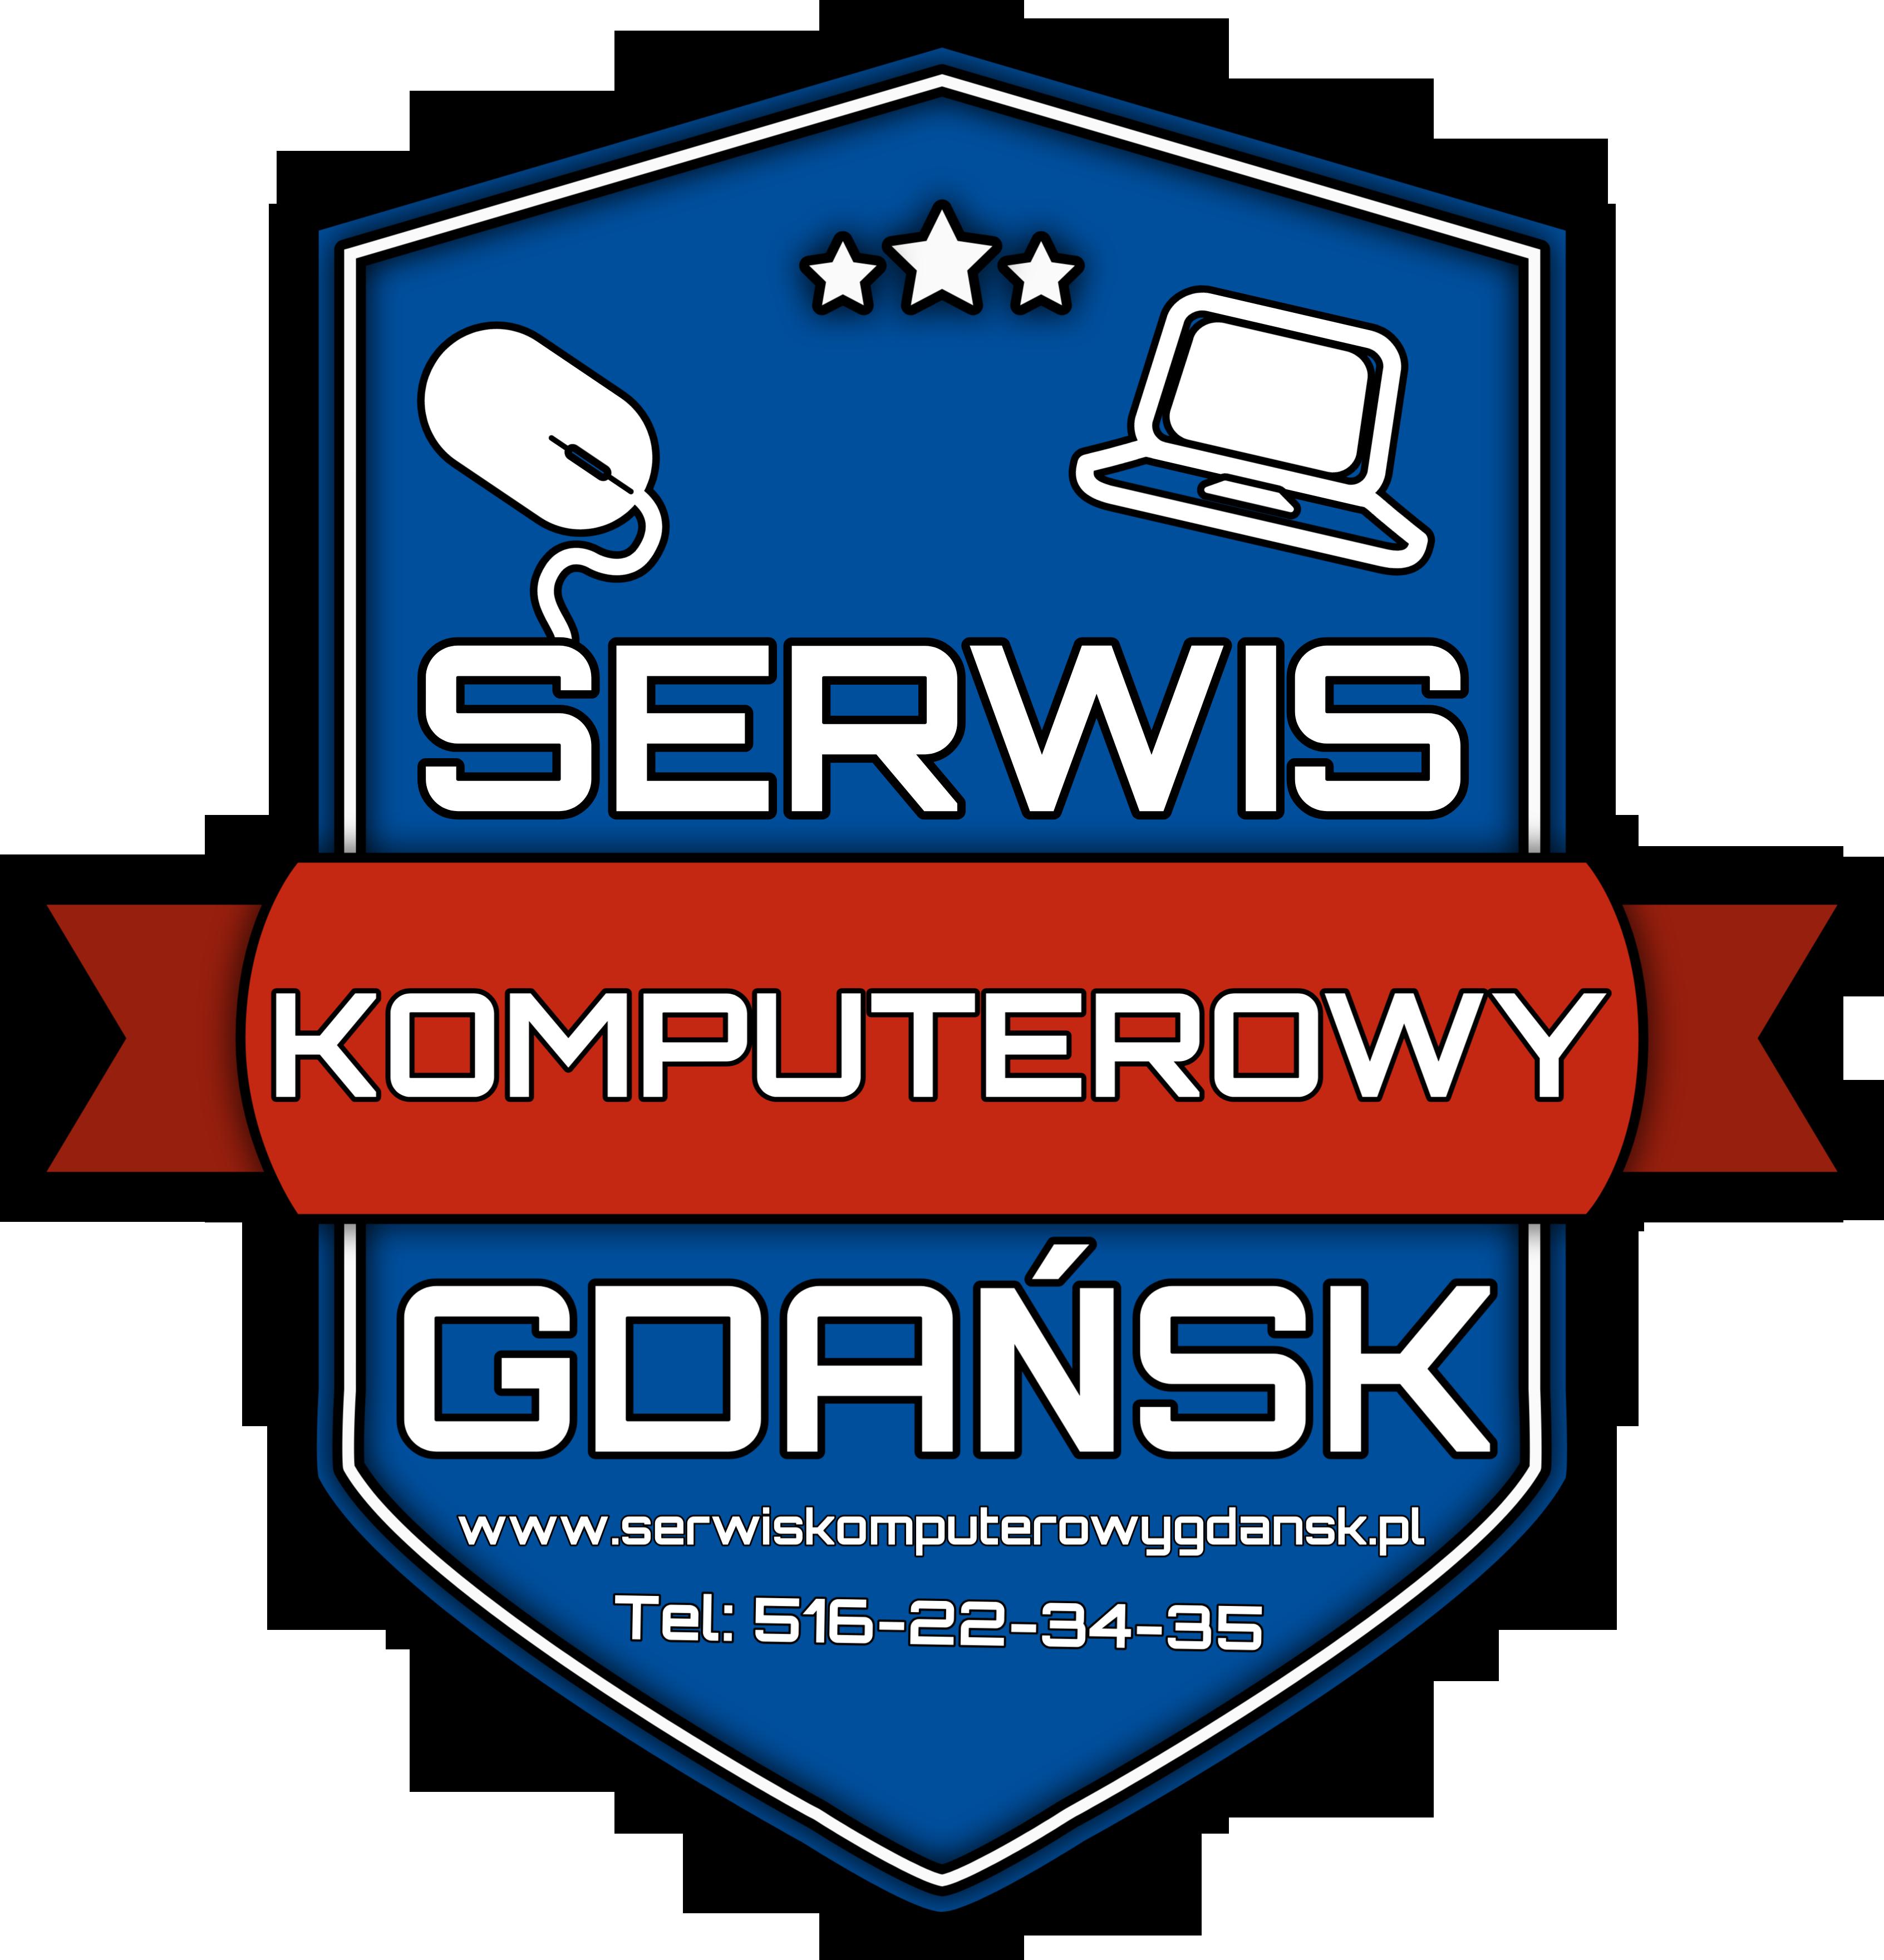 SERWISKOMPUTEROWYGDANSK.PL Kamil Wdowiak